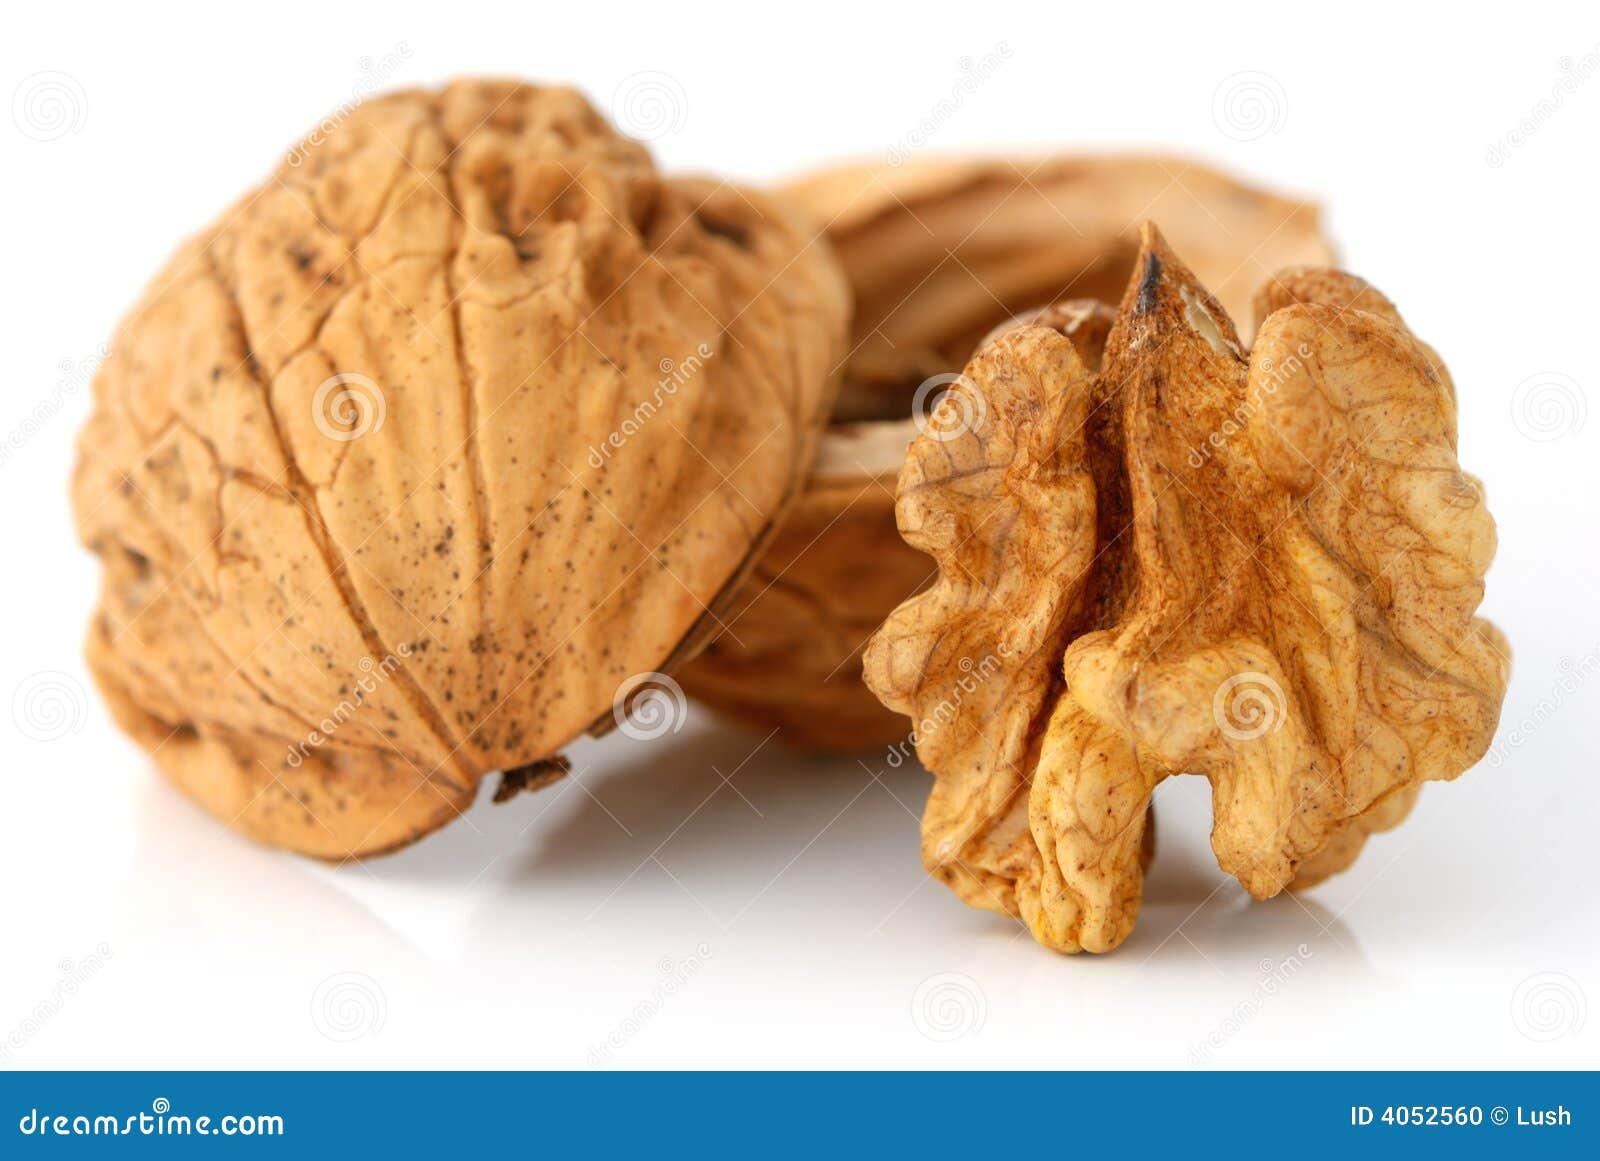 грецкий орех экрана плодоовощ